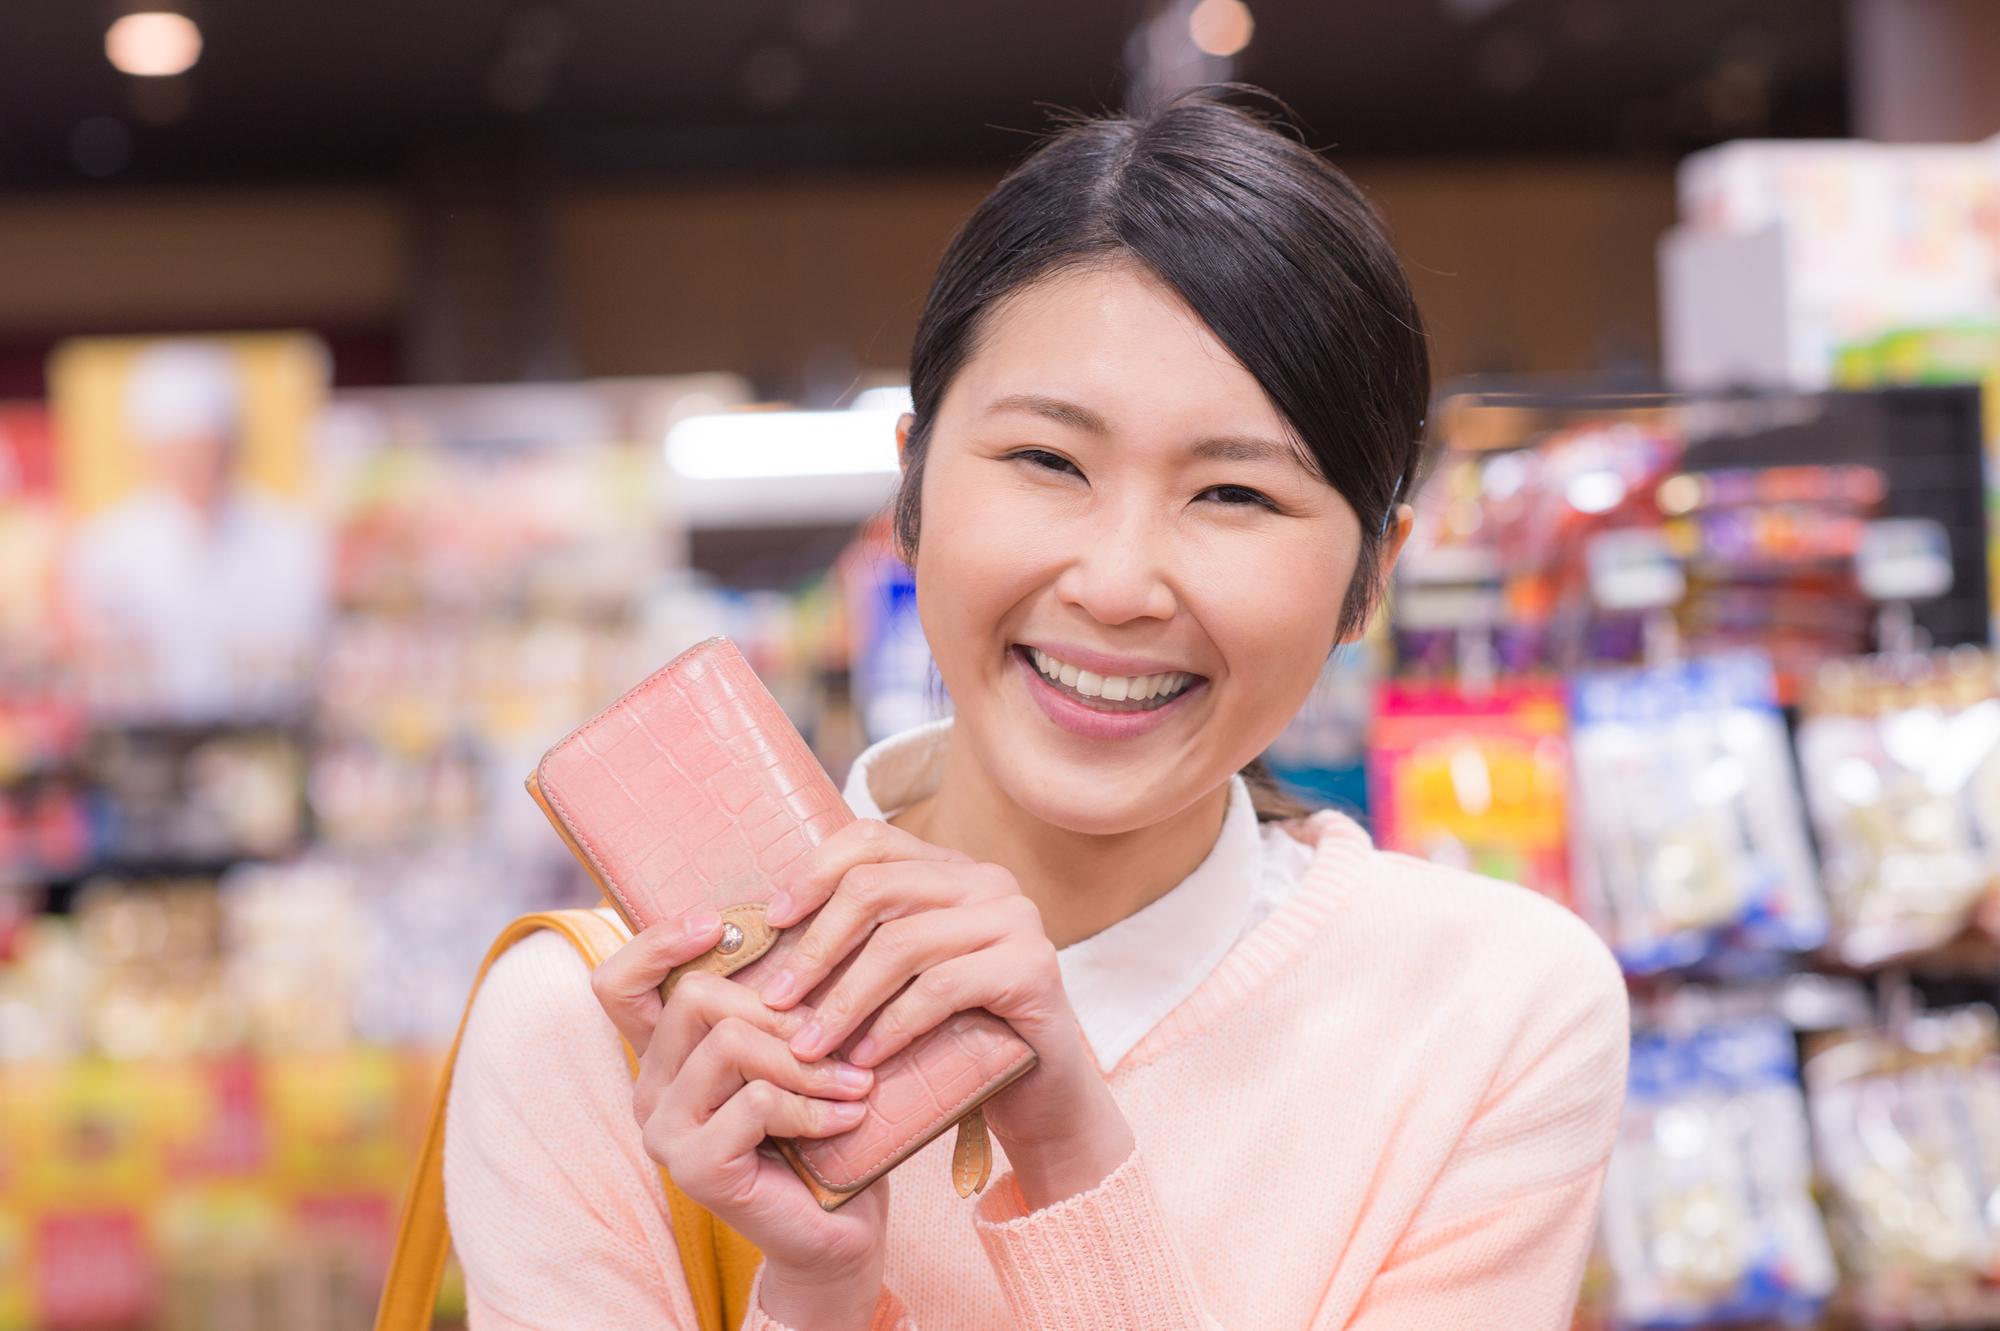 若い女性に人気の財布は高価買取になる?どんなブランドがいいの?